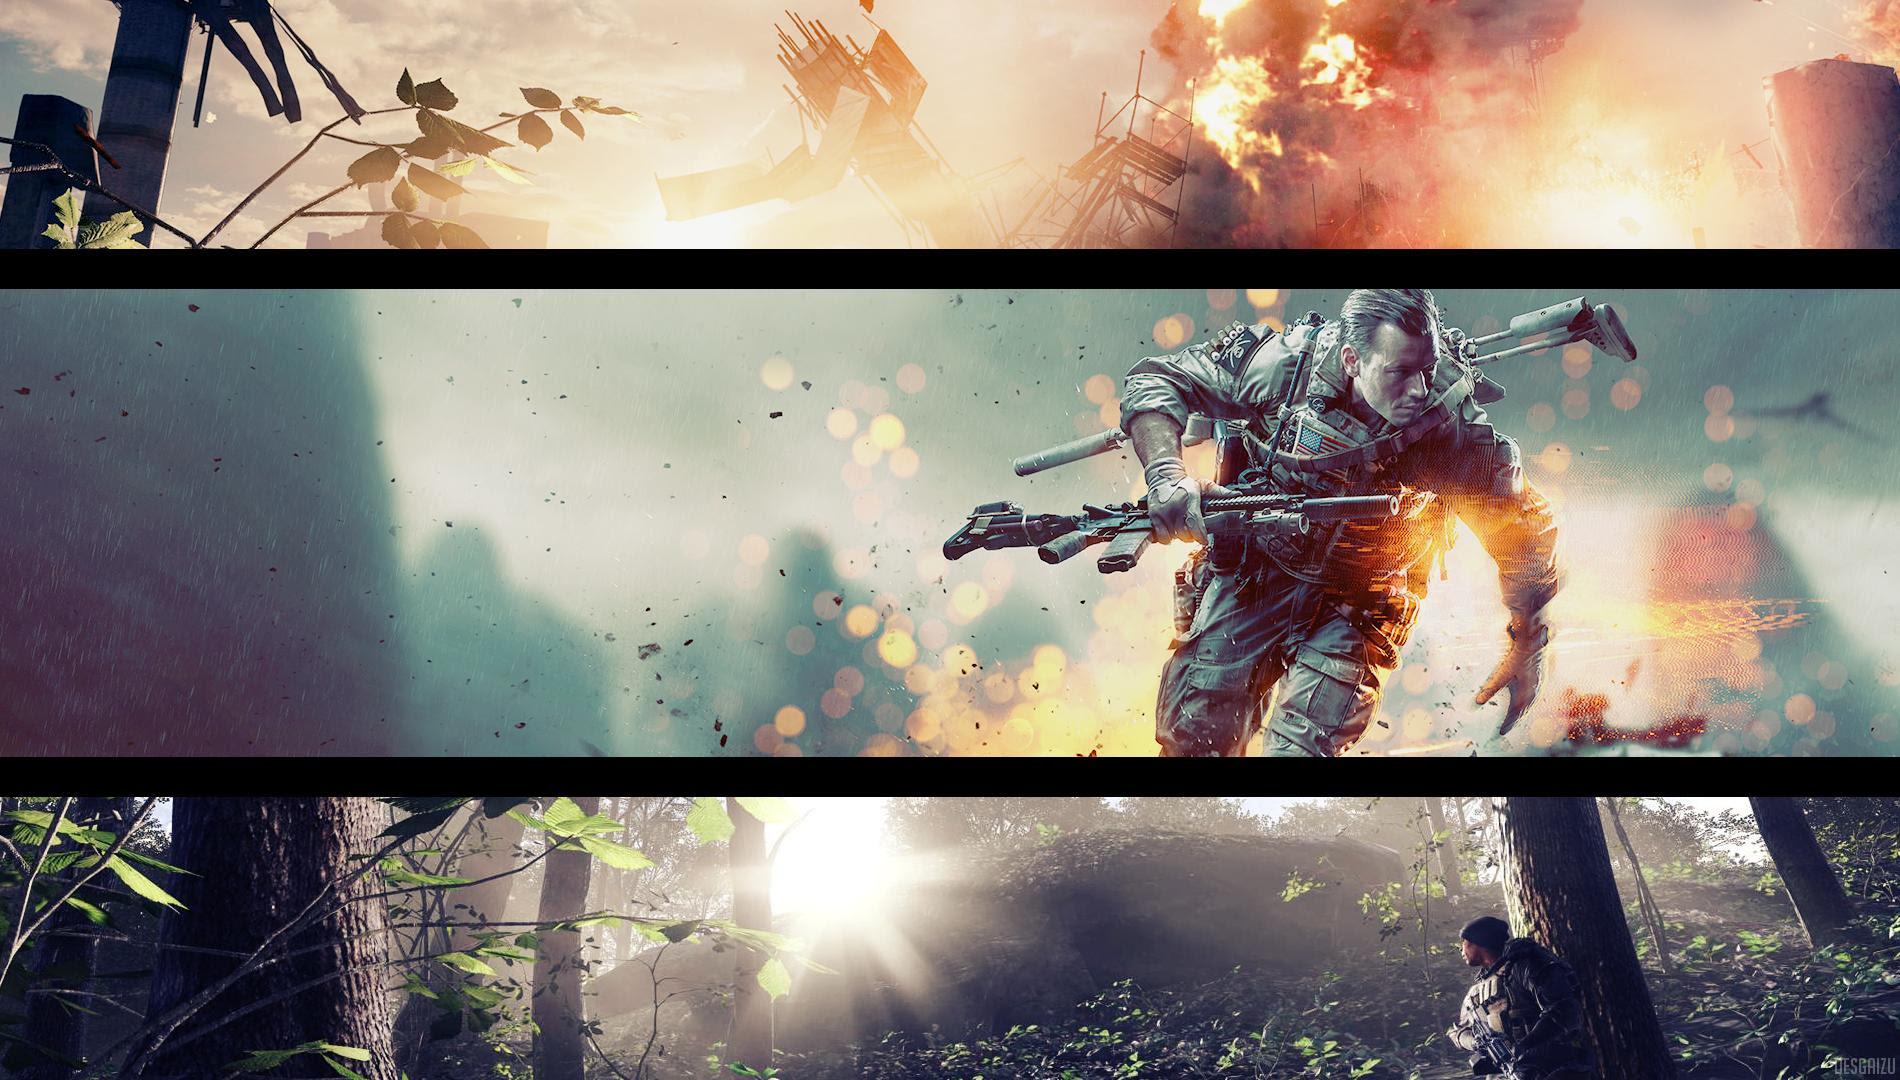 Battlefield Battlefield 4 Wallpaper By Desgaizu